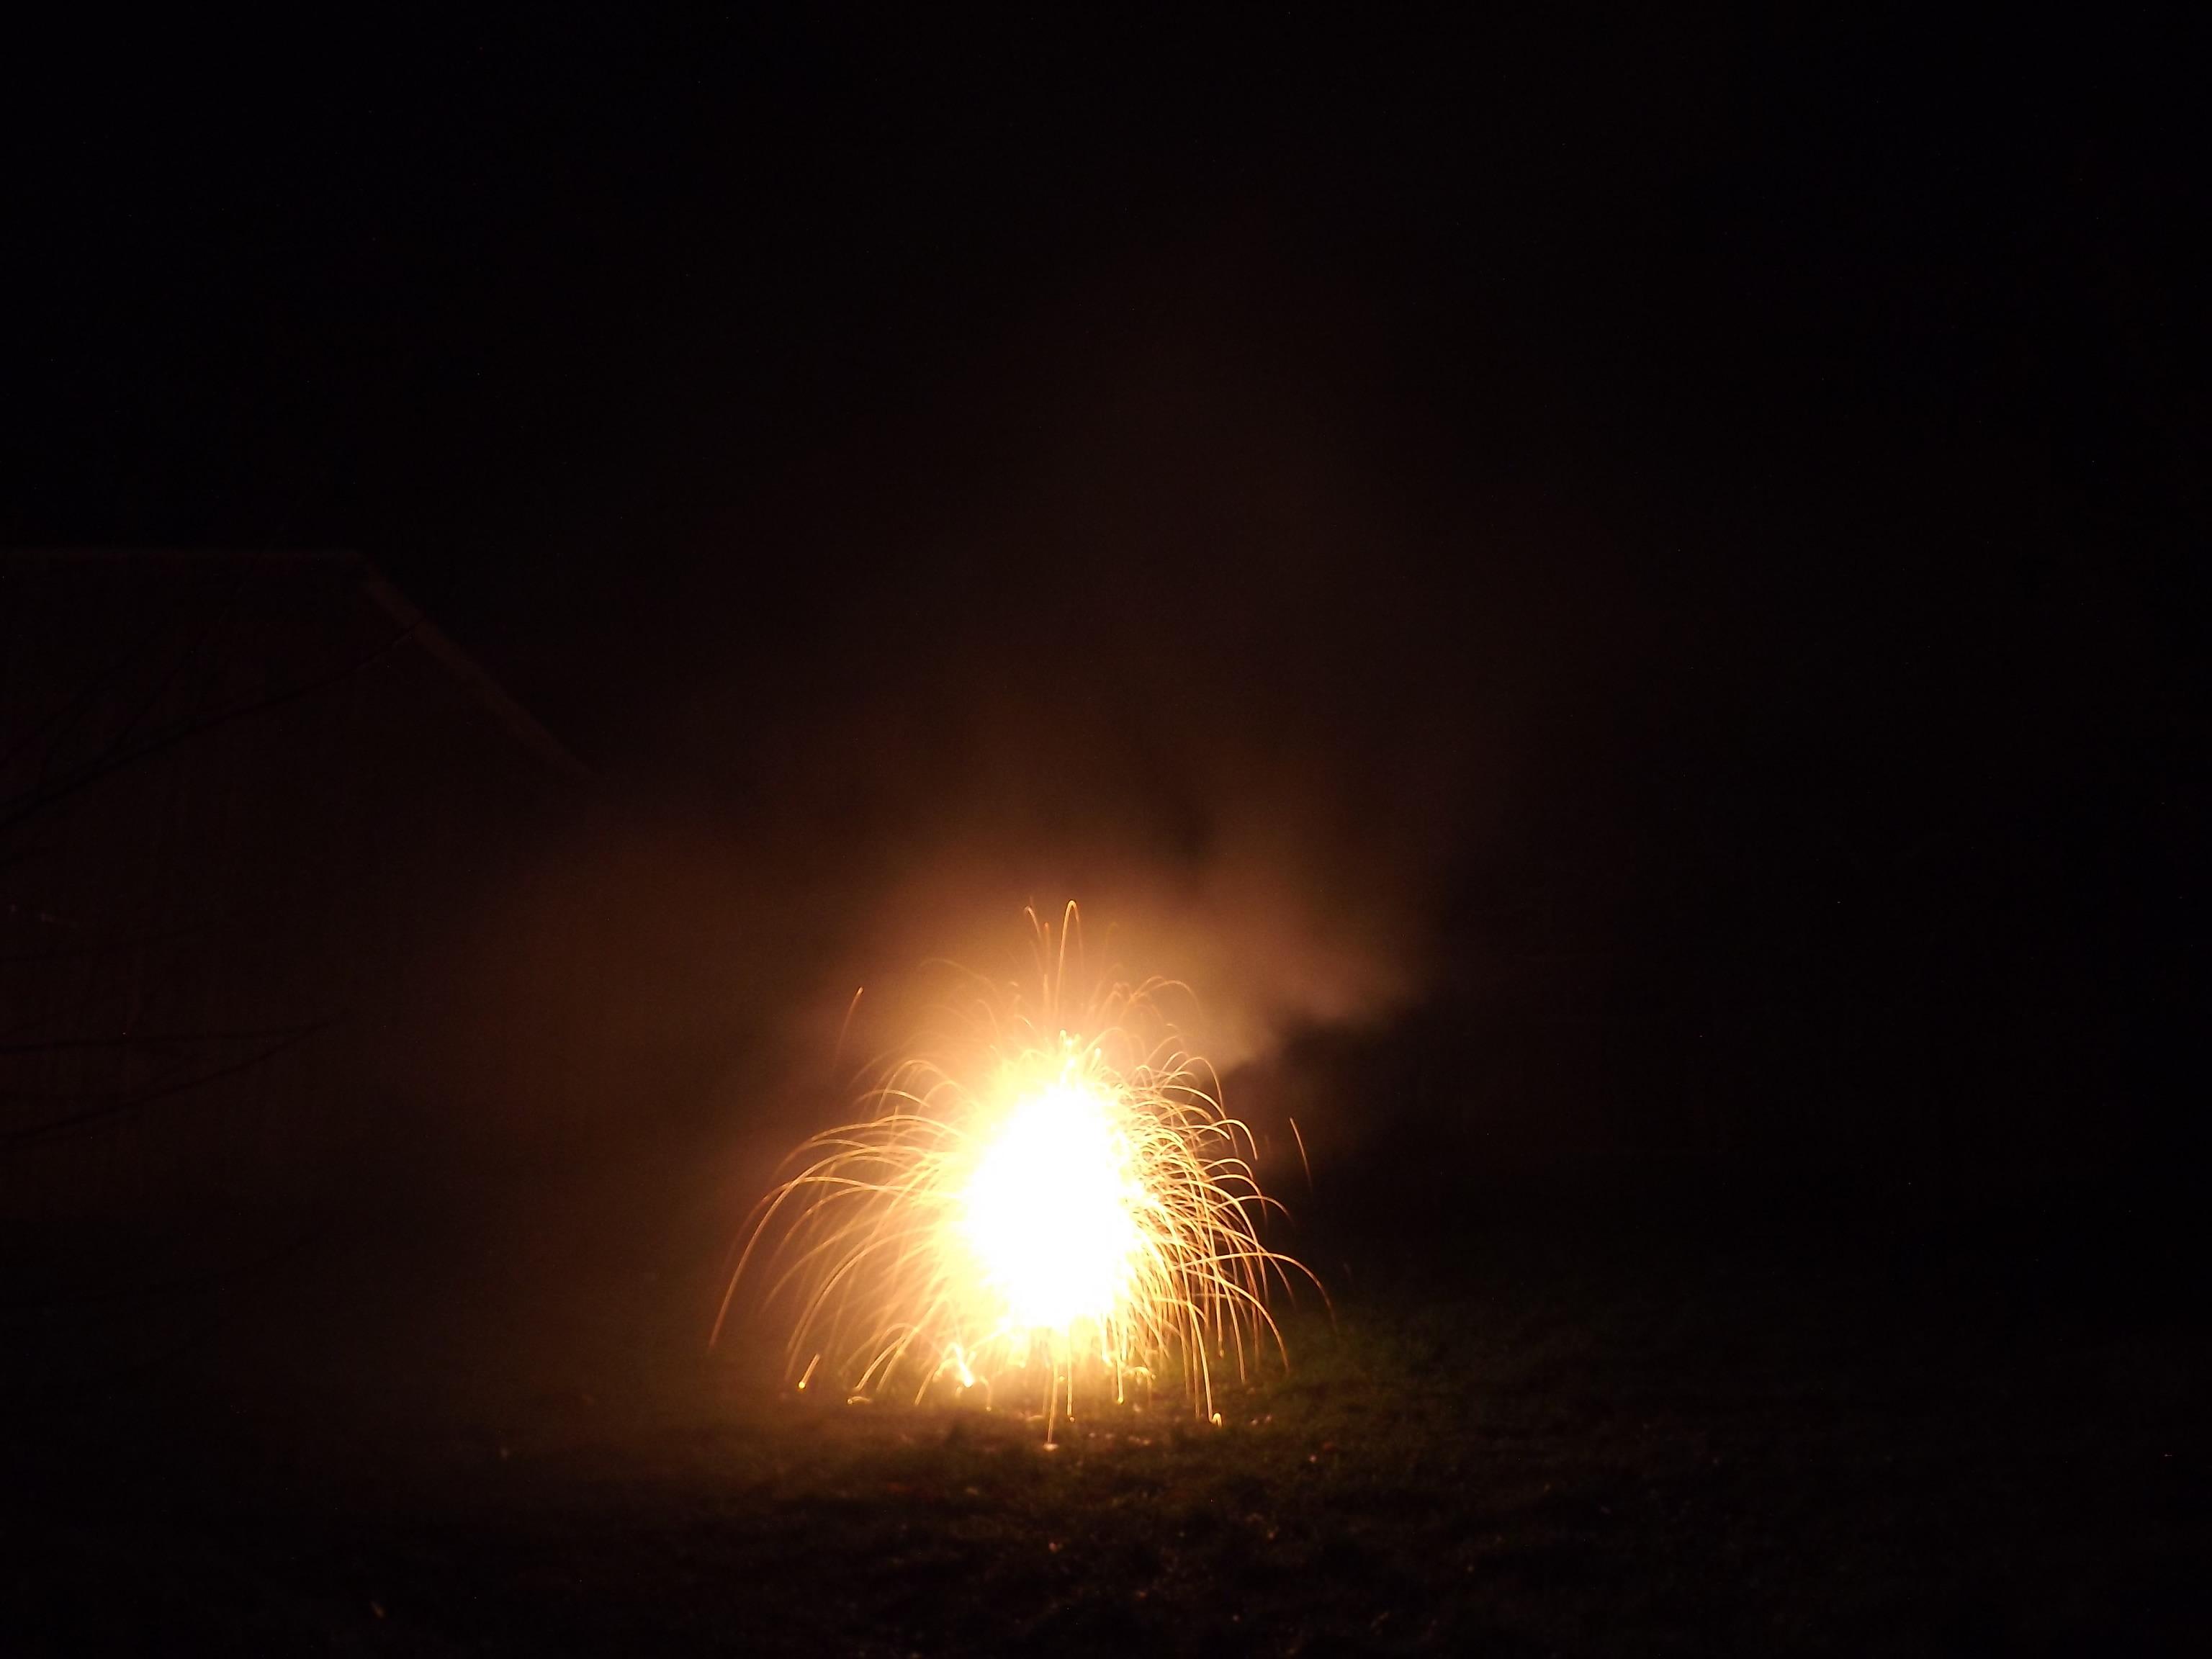 6760-feuerwerk-silvester-neujahr-feuer-orange